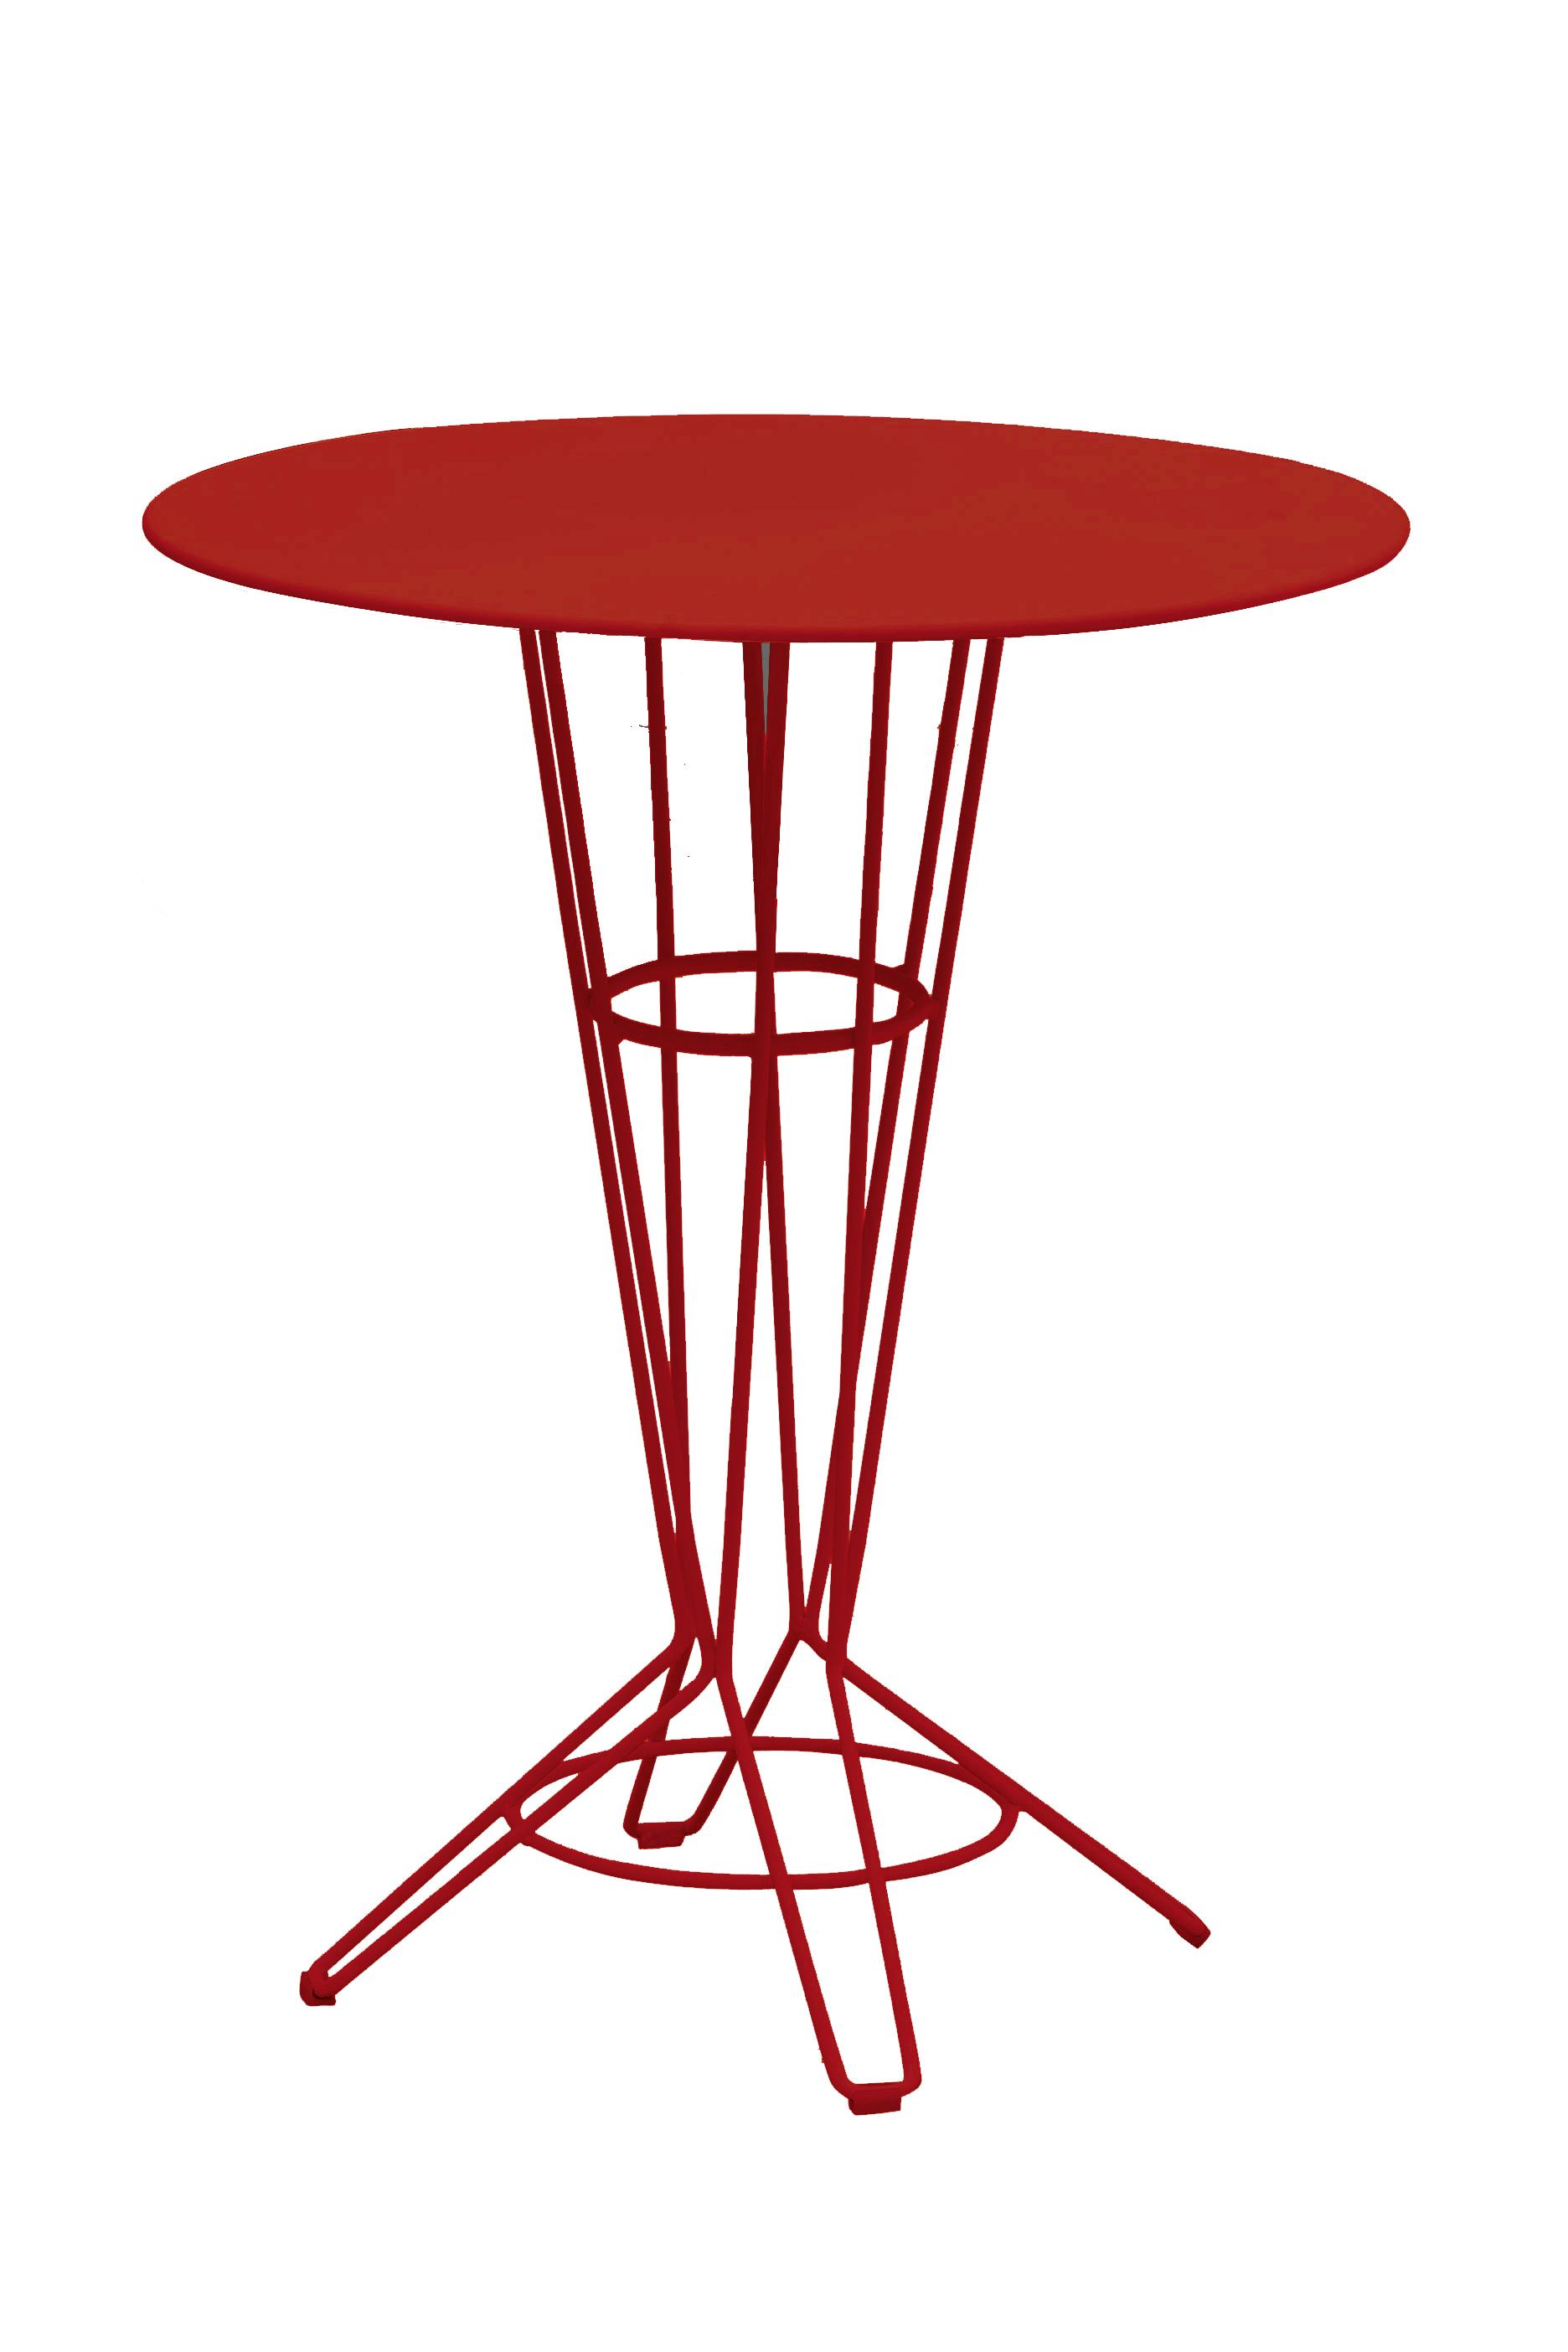 NOSTRUM - Table haute en acier rouge vin D80